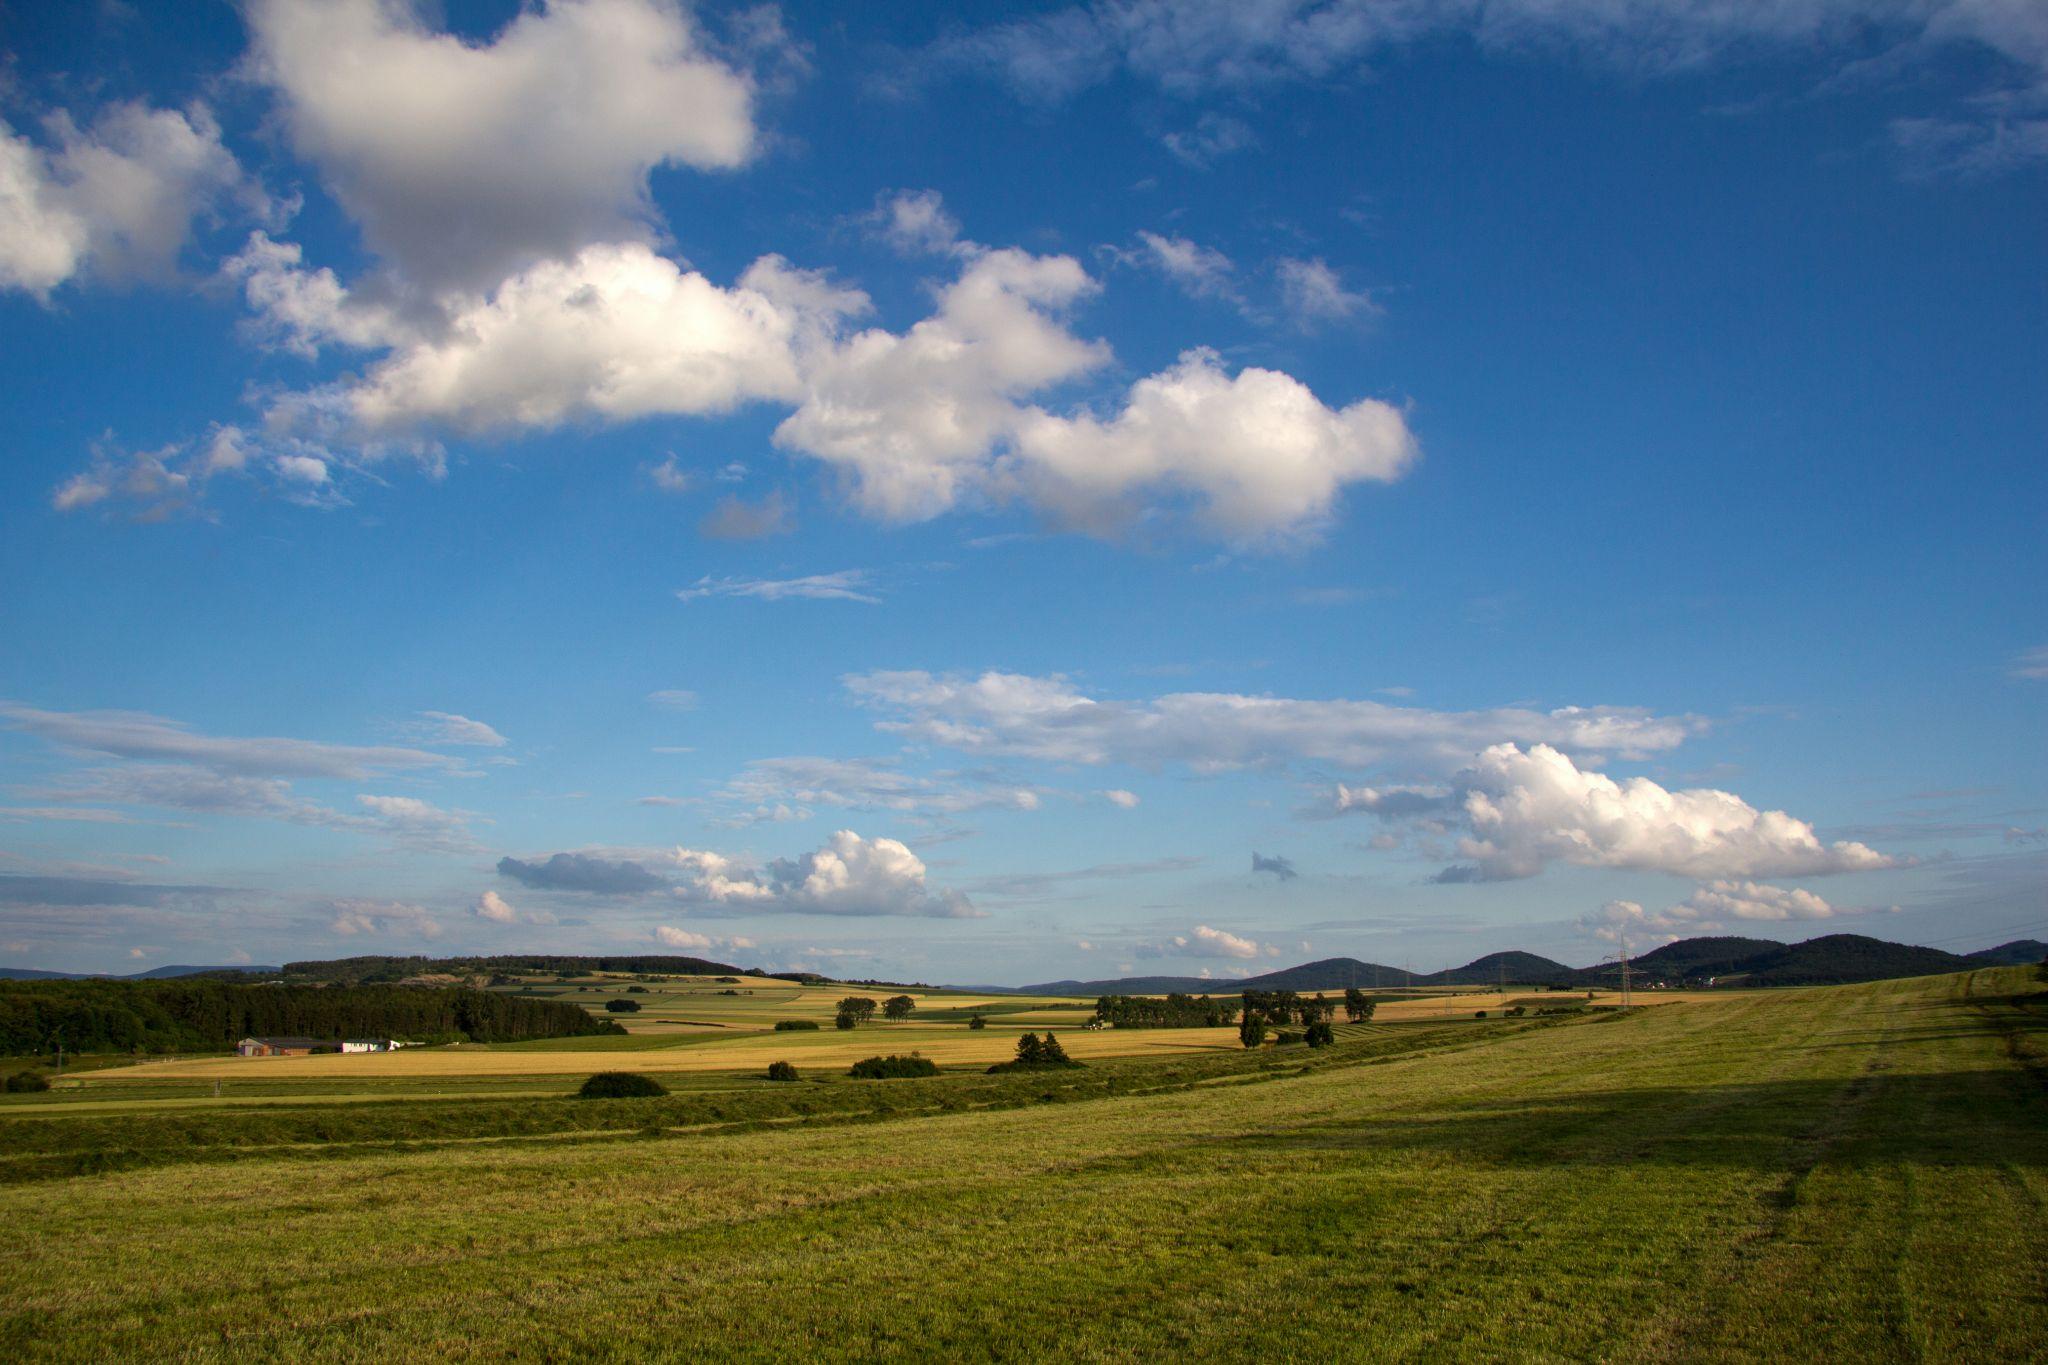 Kegelspiel View, Germany